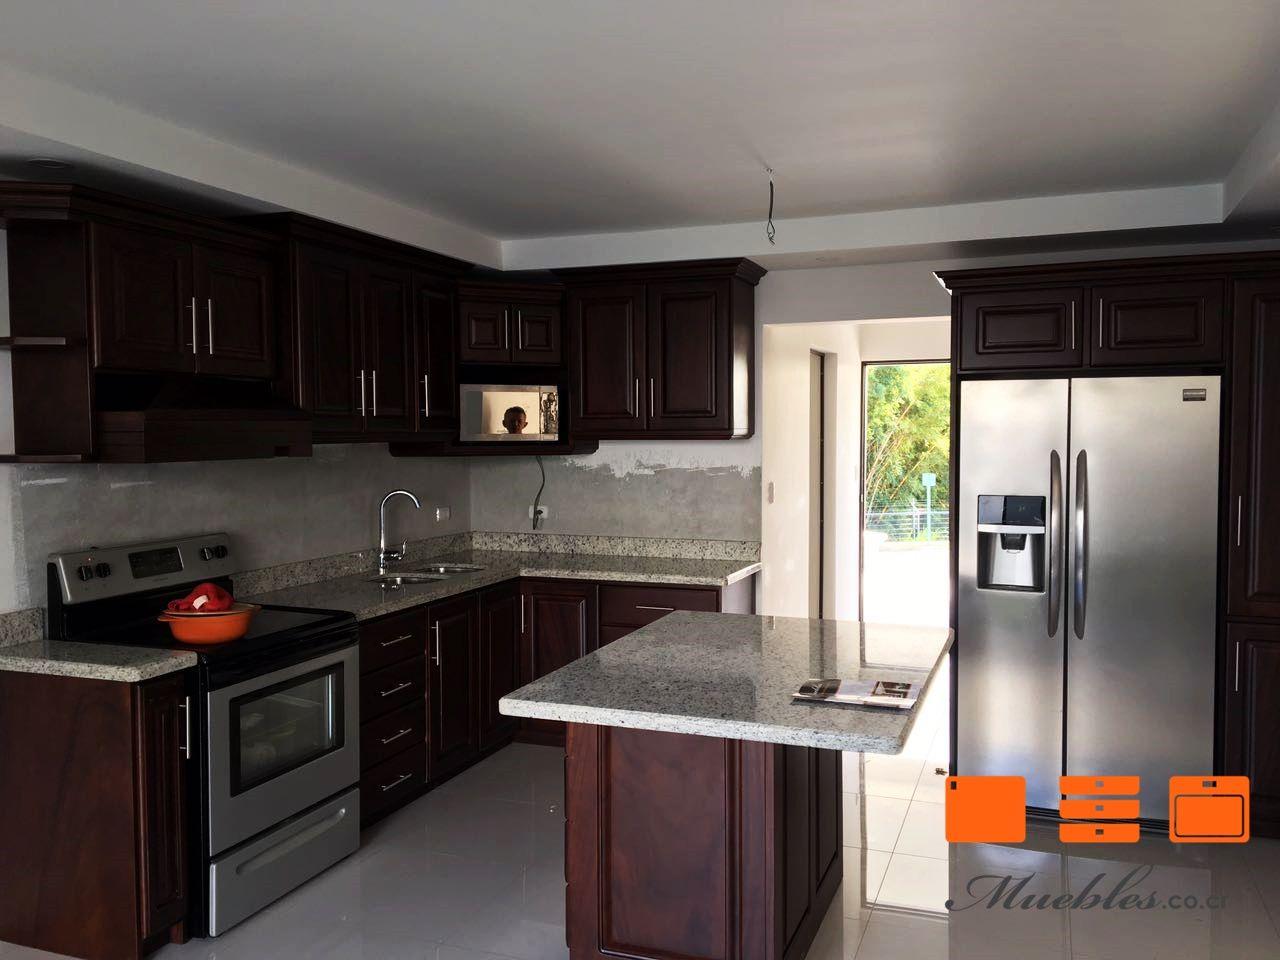 Mueble de cocina completa con isla, cocina, horno, refrigerador ...